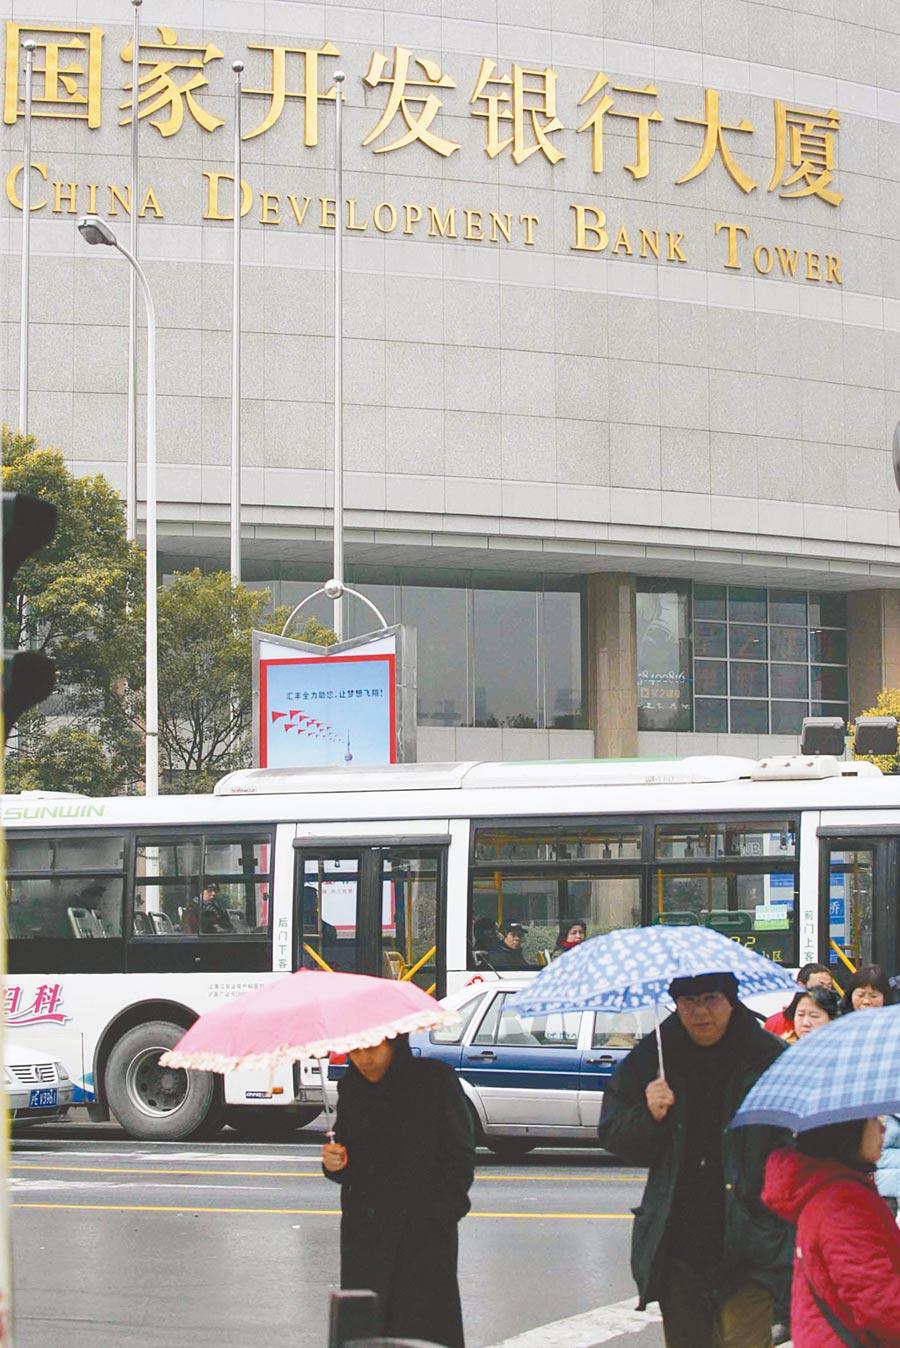 位於上海陸家嘴金融區的國家開發銀行大廈。(新華社資料照片)